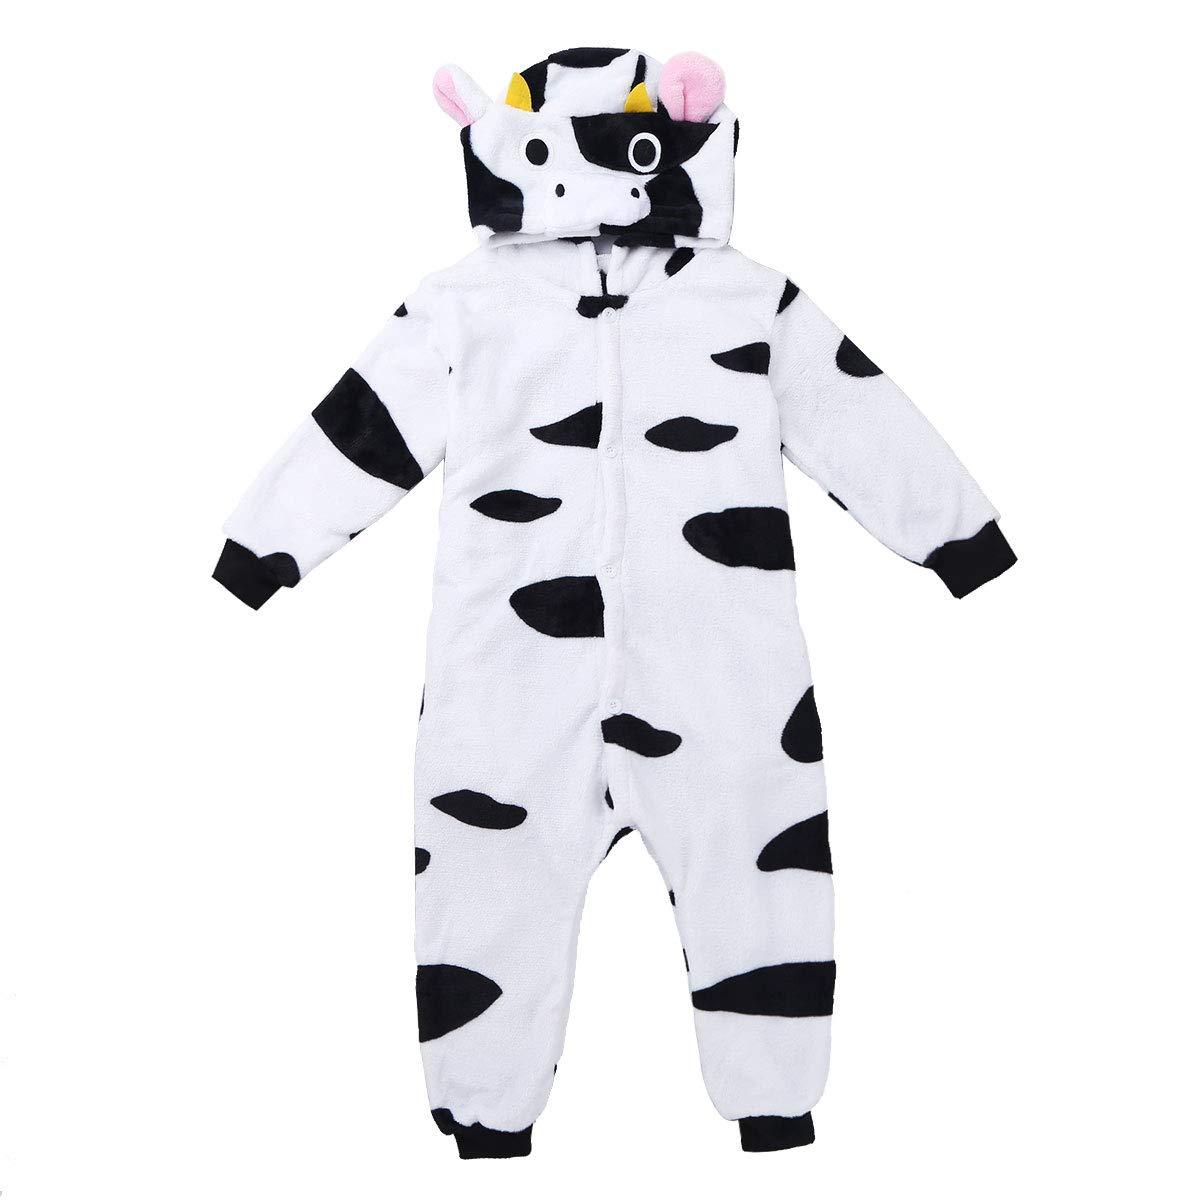 470f041502 TiaoBug Pijama Franela Animal de Vaca con Capucha y Cola Infántil para Niños  Peques Monos Ropa de Dormir con Bolsillo Disfraces Cosplay para Las  Carnavales  ...